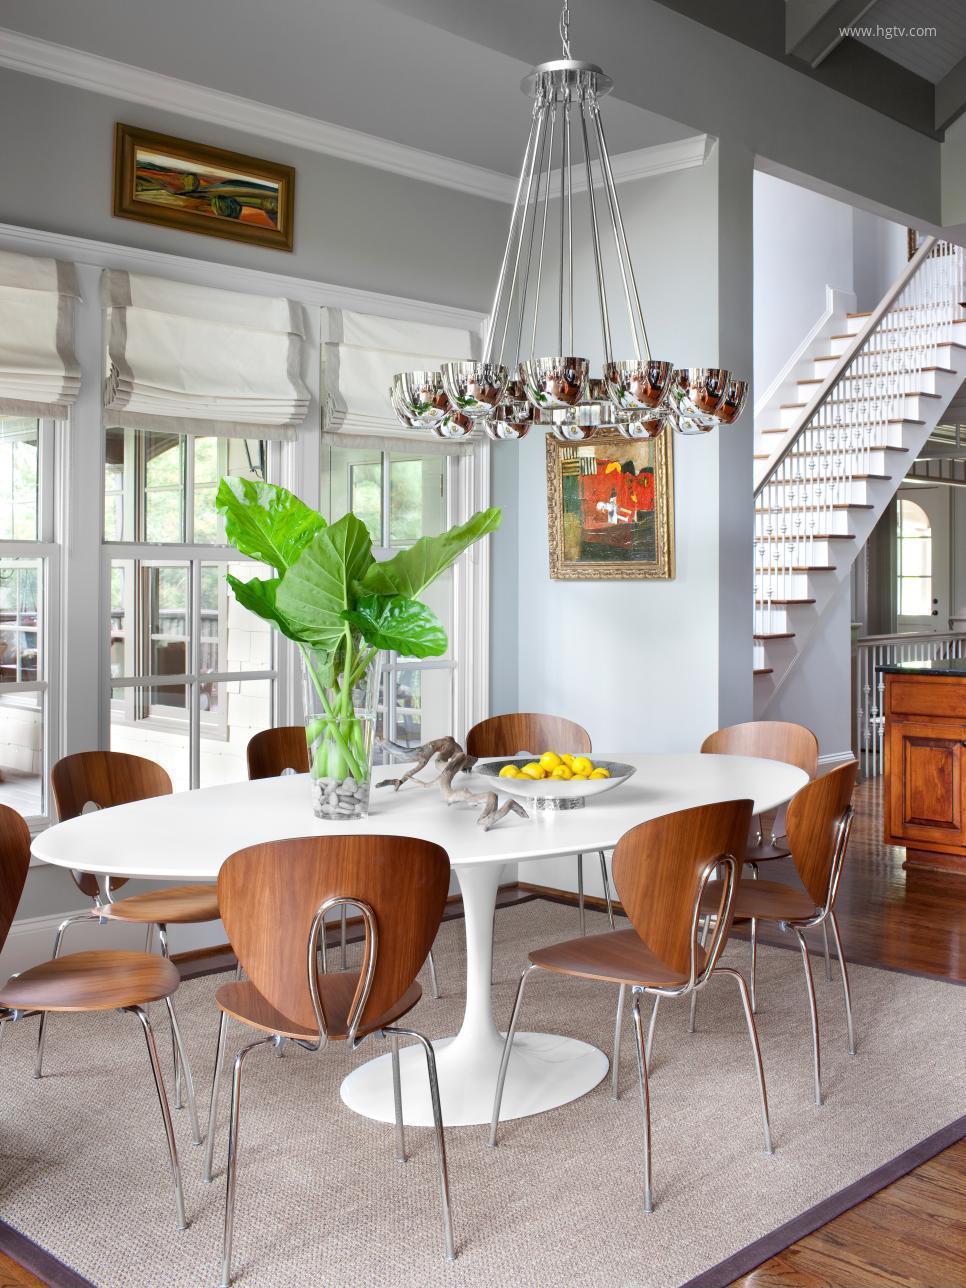 Konyha, étkező asztal ötletek, konyha, étkező asztal képek, fotók ...